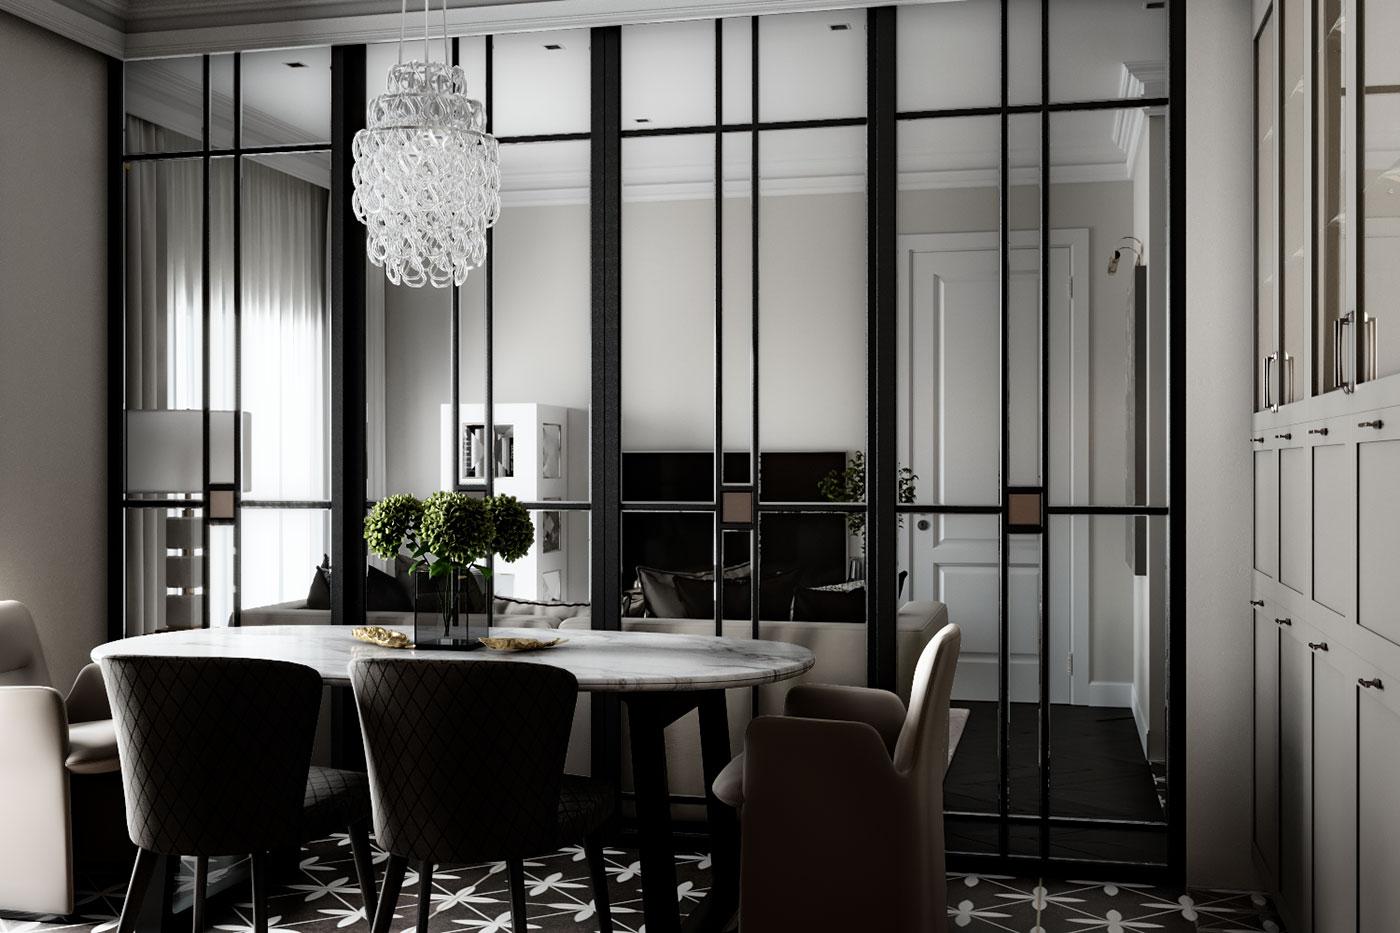 Стеклянная раздвижная перегородка позволяет расширить пространство, не нарушая покой в гостиной